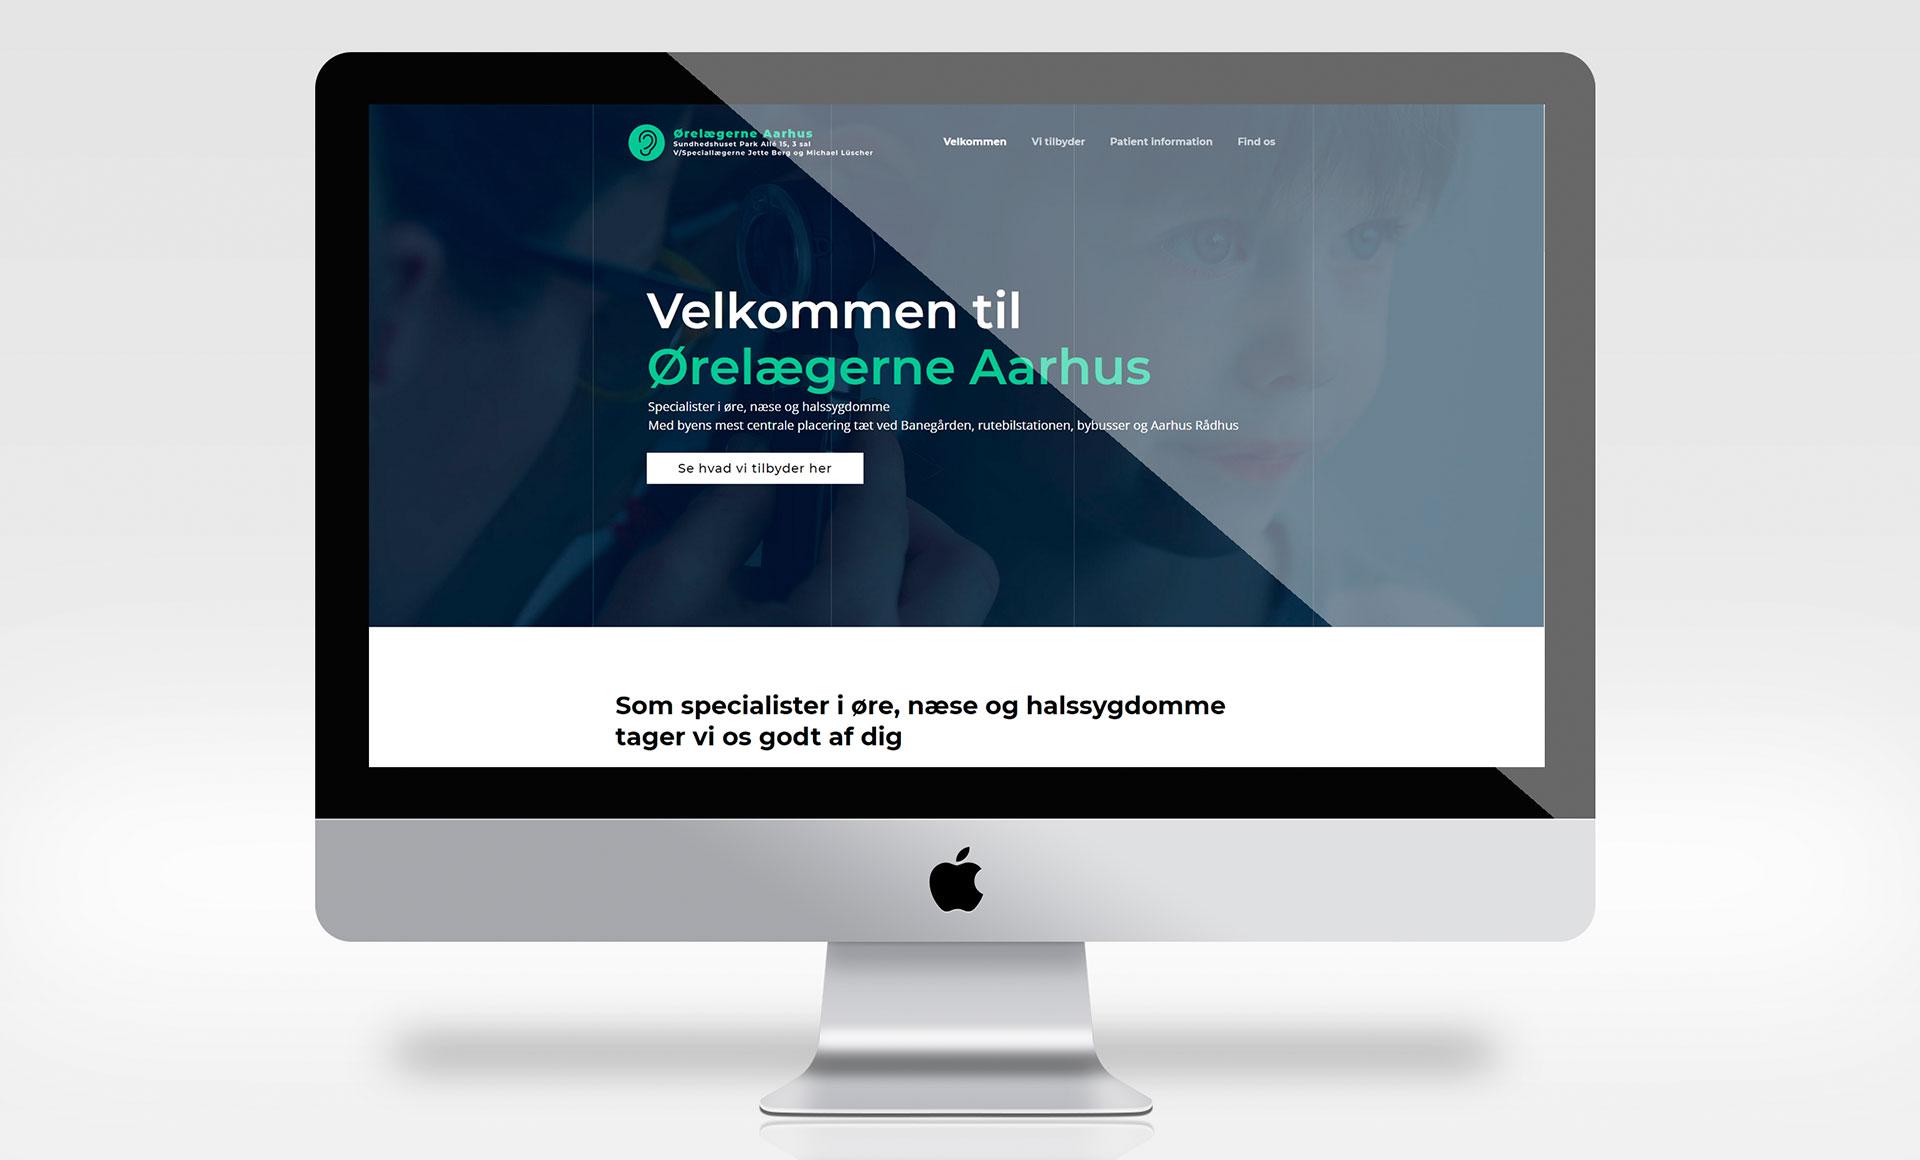 02-website-oerelaegerne